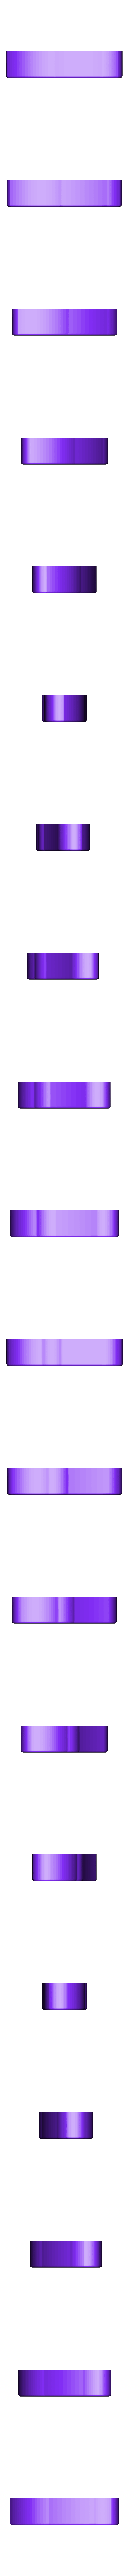 DorsalNerveLeft.stl Télécharger fichier STL Puzzle de la section tranchée du clitoris • Plan pour impression 3D, 3D_Maniac